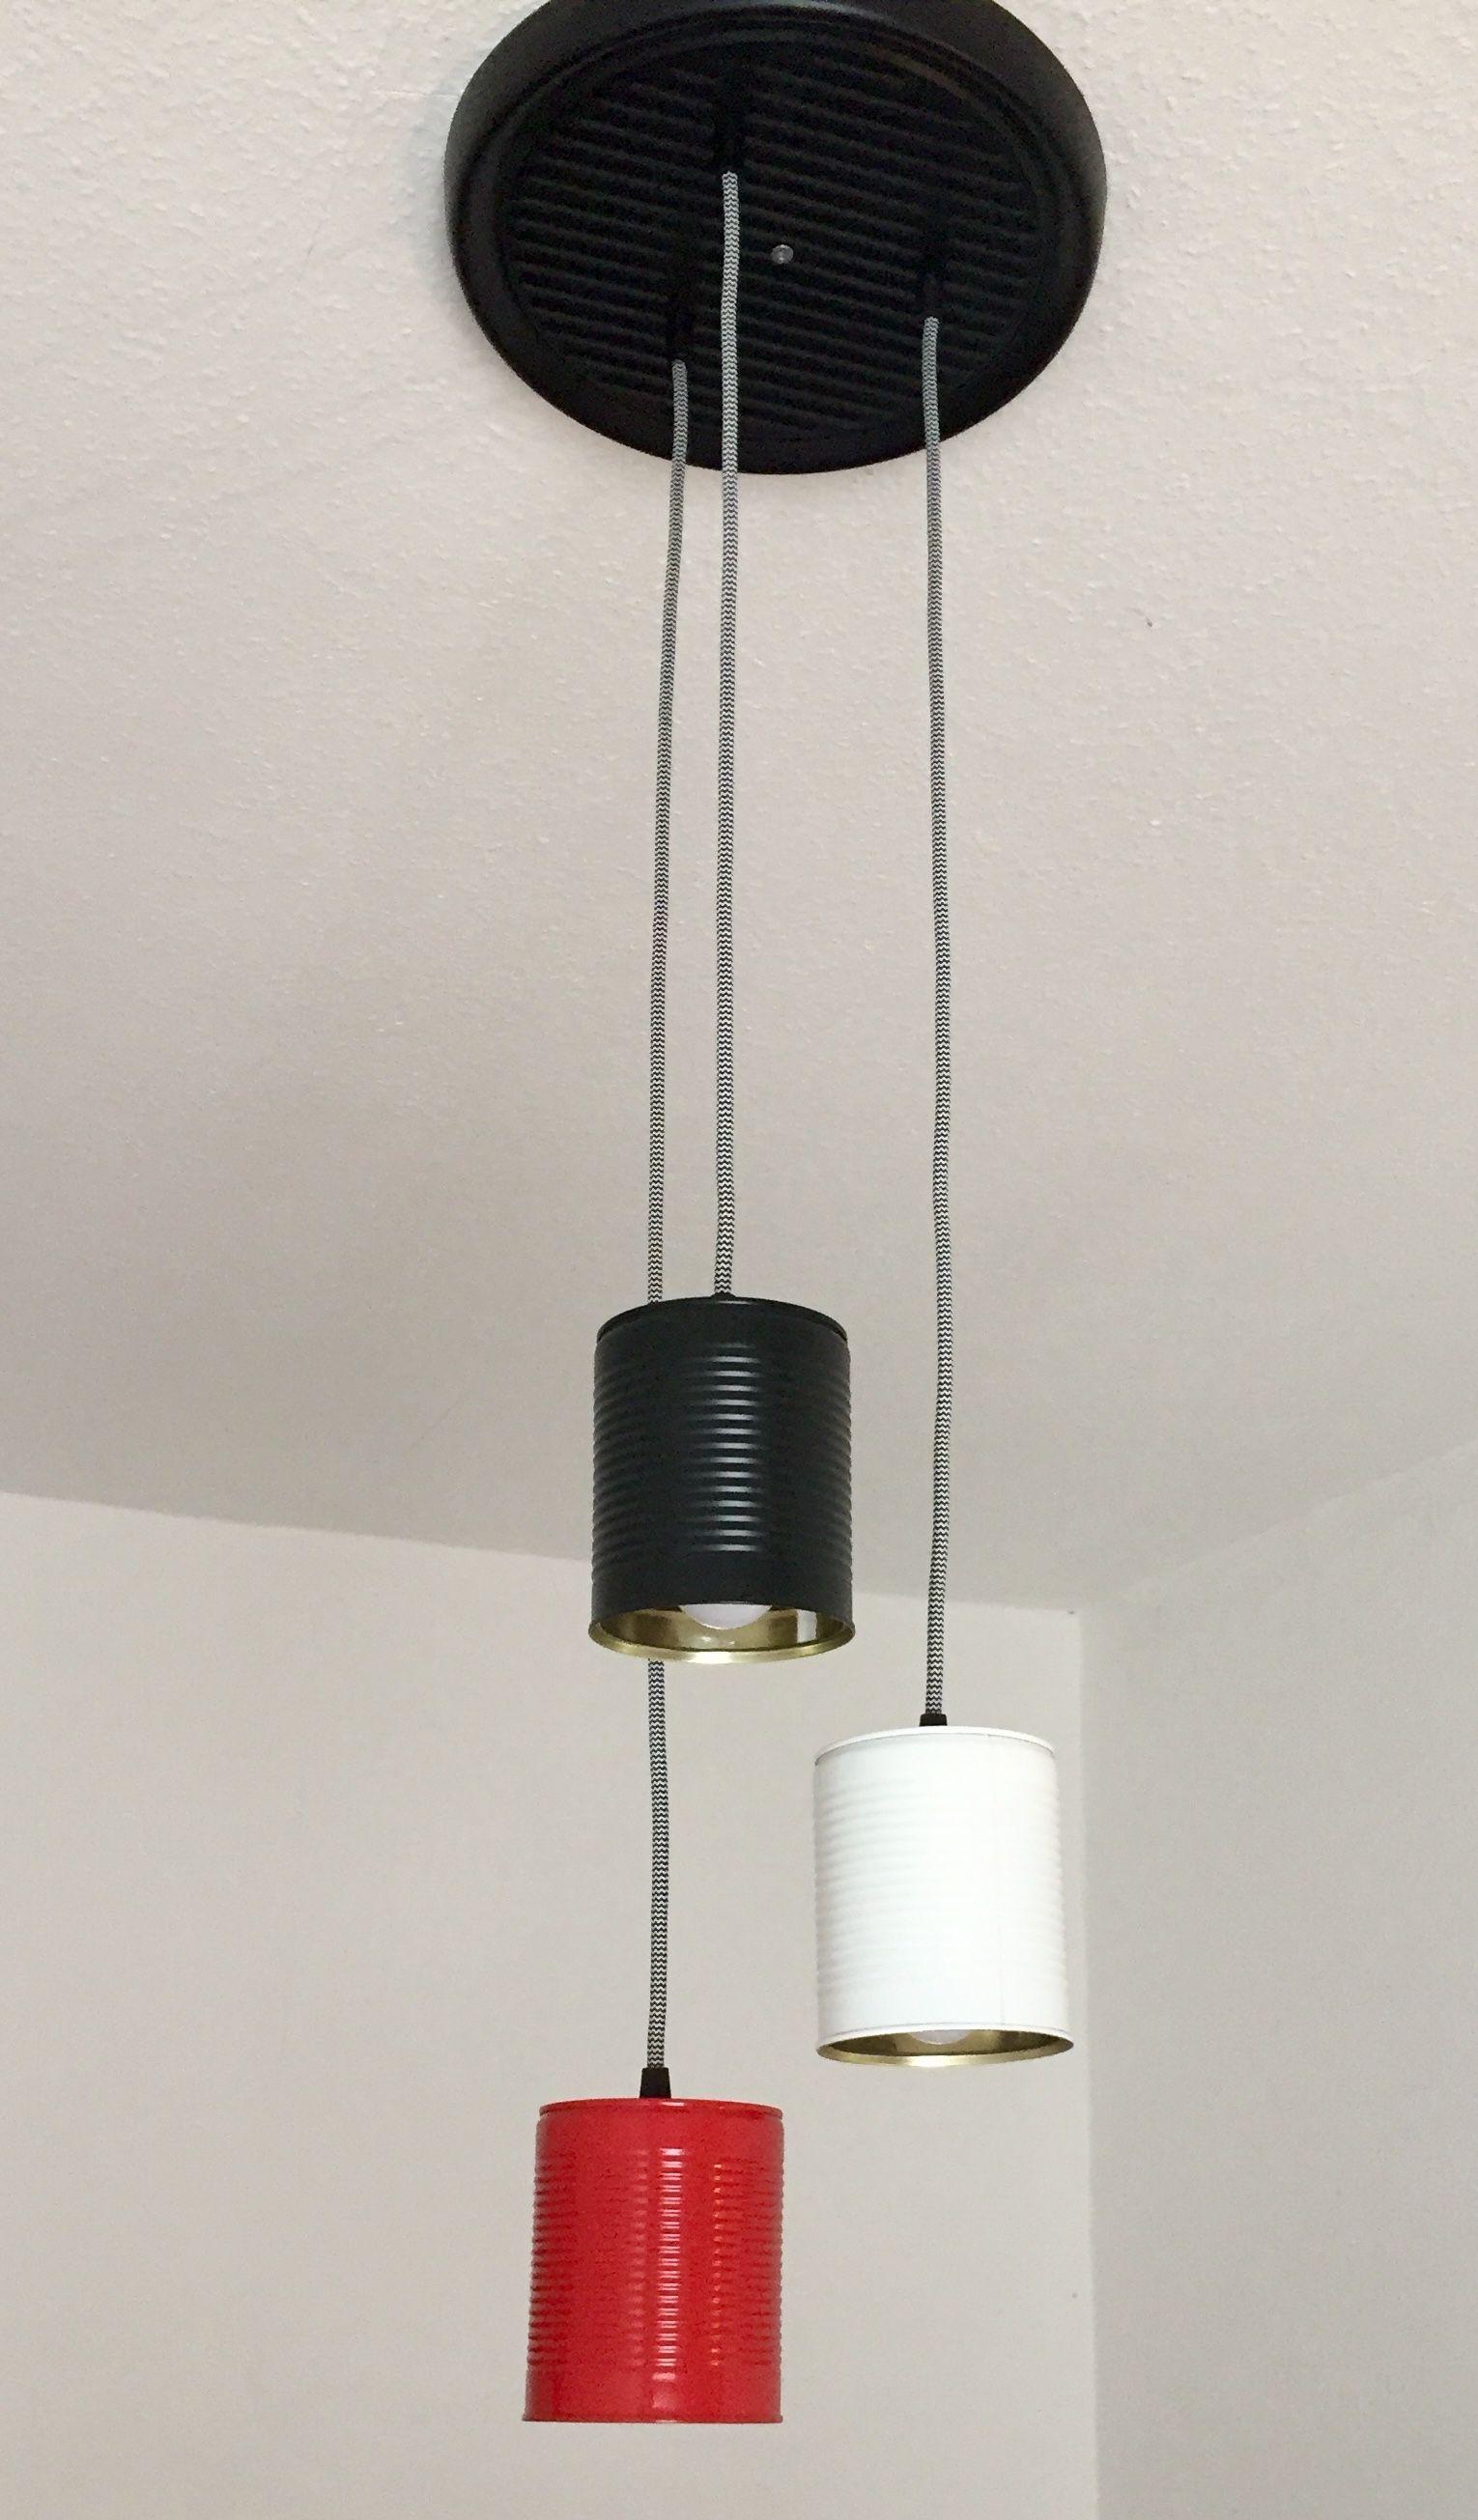 Konservendosen-Lampe. Die Lampe besteht, von der Verkabelung ...